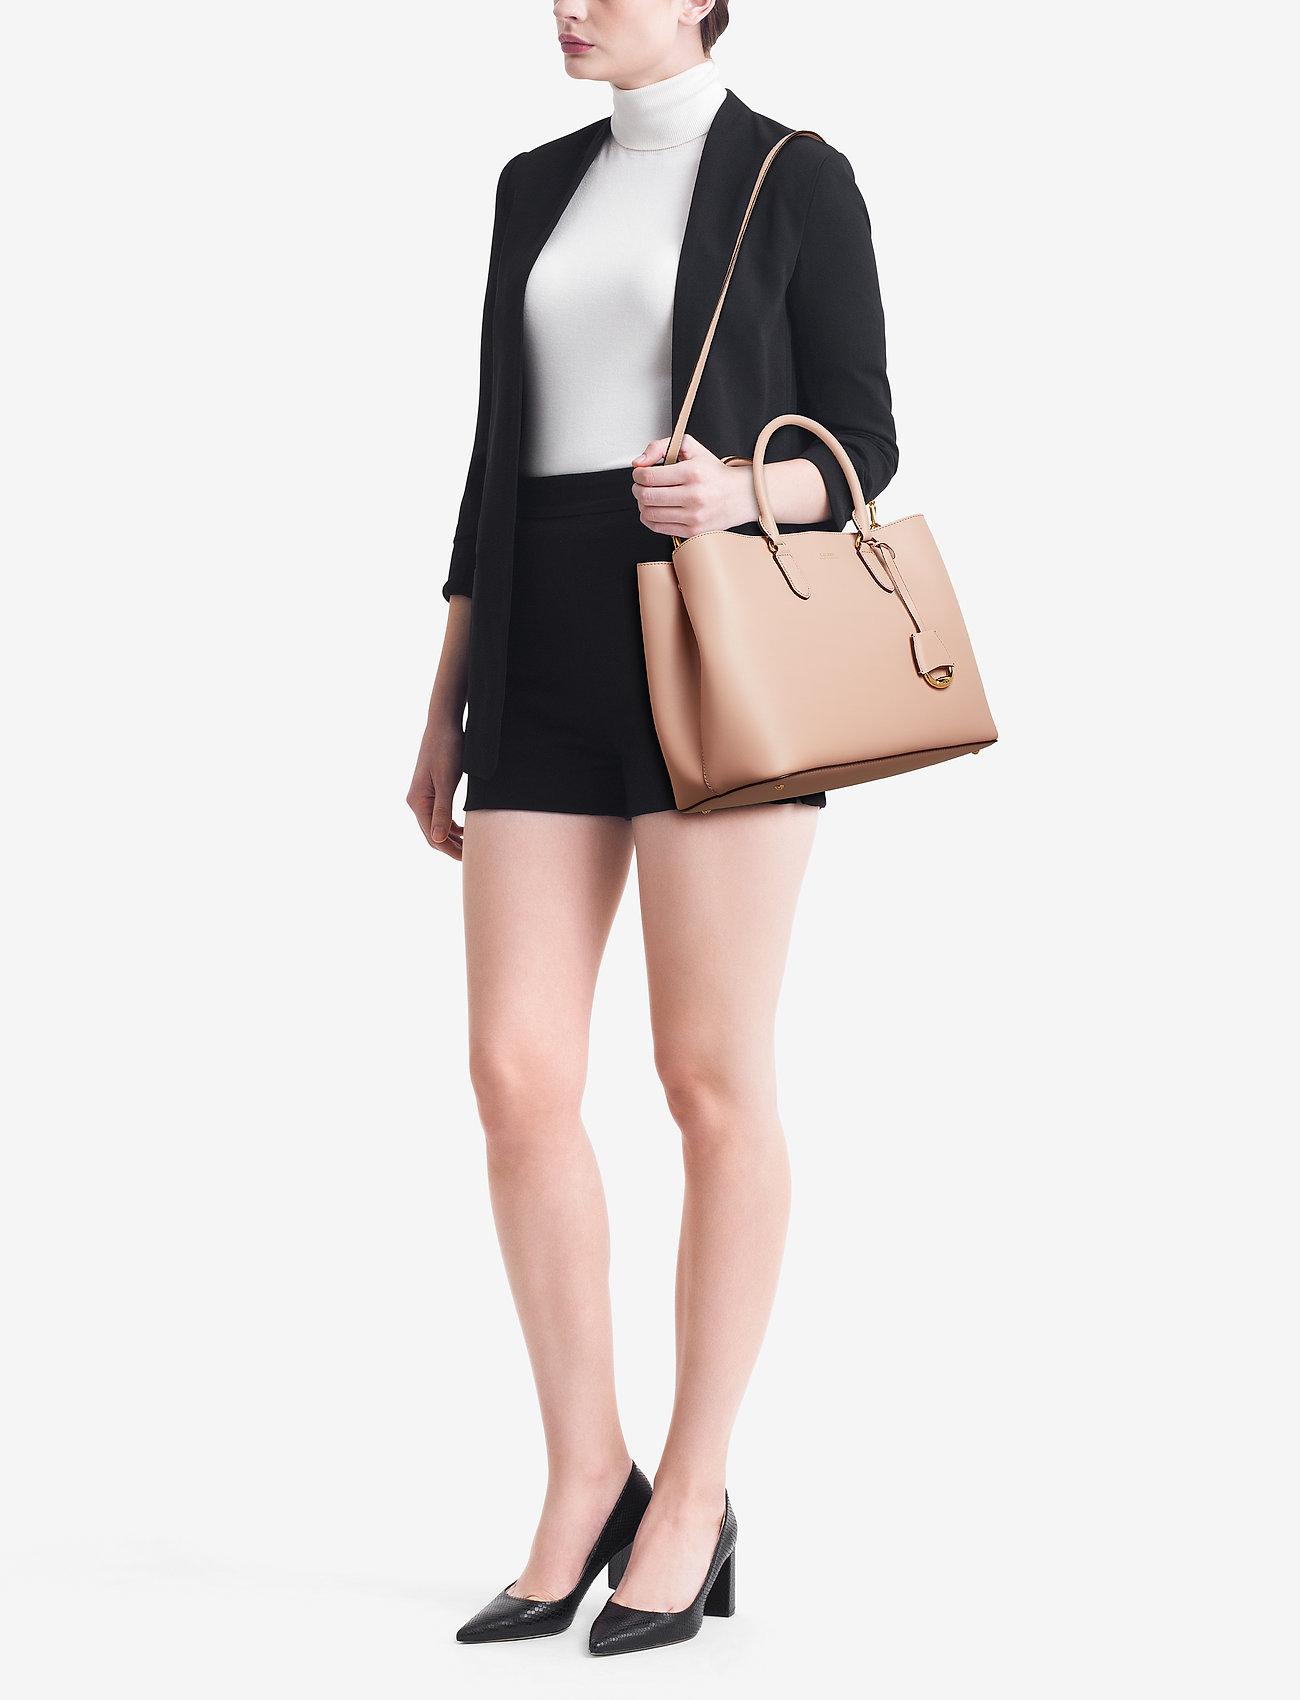 Lauren Ralph Lauren Leather Marcy Satchel - MELLOW PINK/PORCI